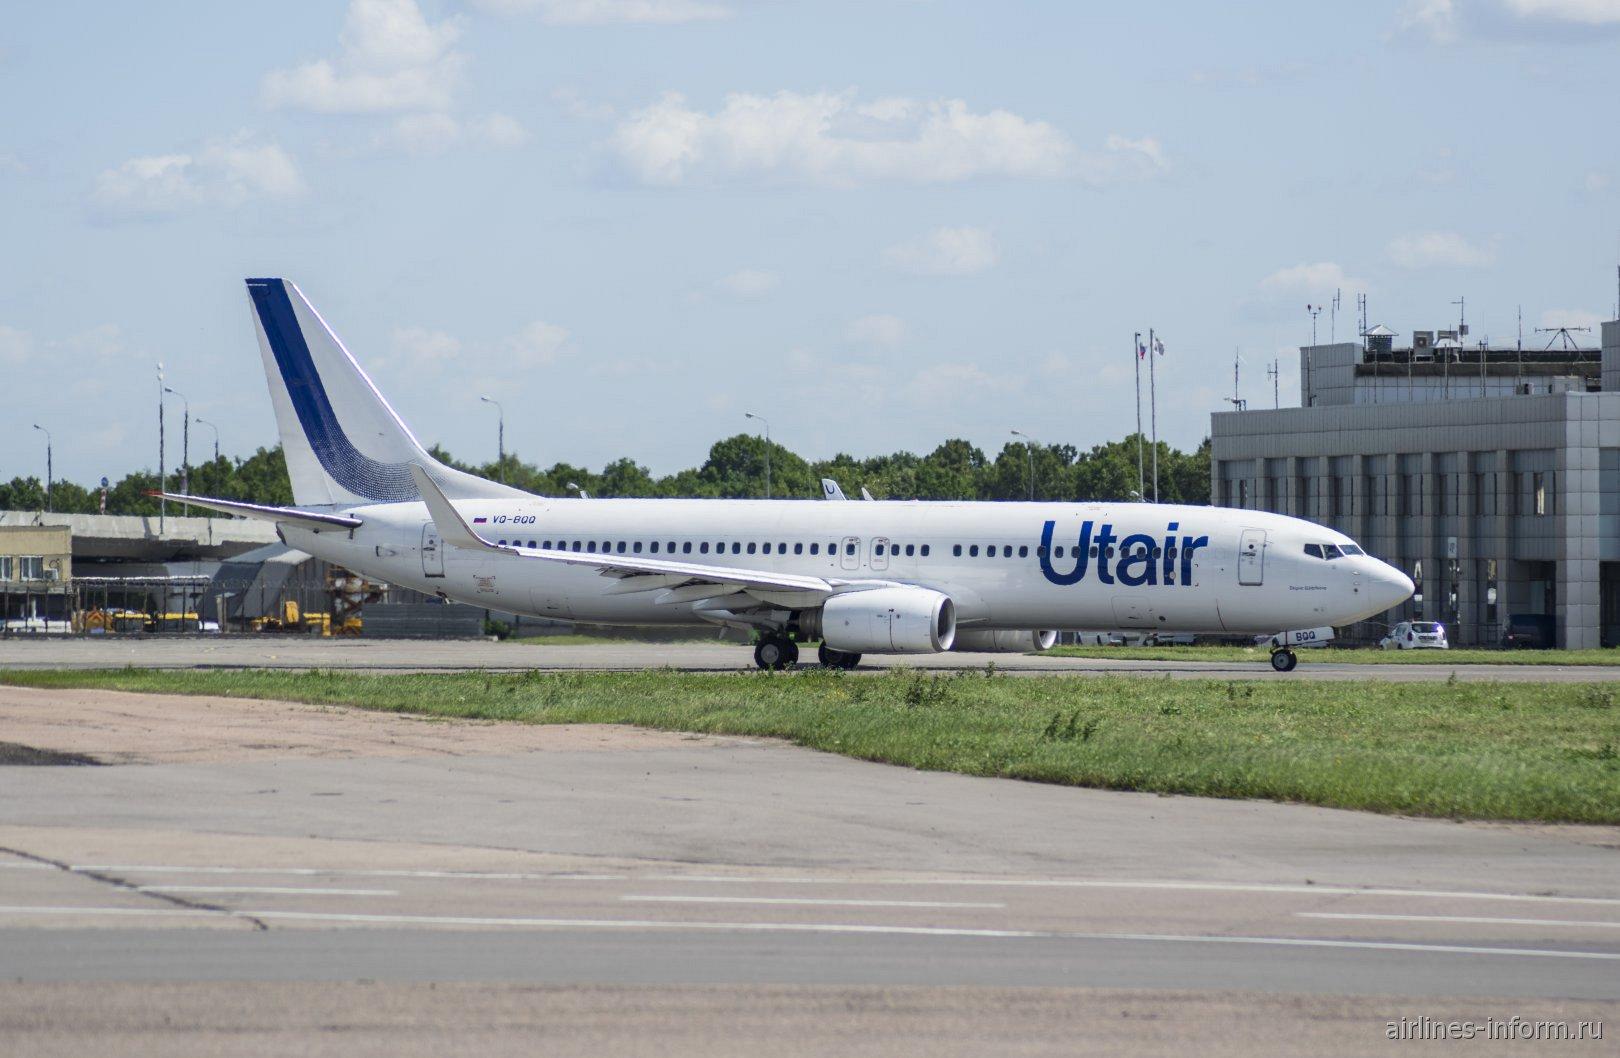 Боинг-737-800 авиакомпании Utair следует на взлет в аэропорту Внуково